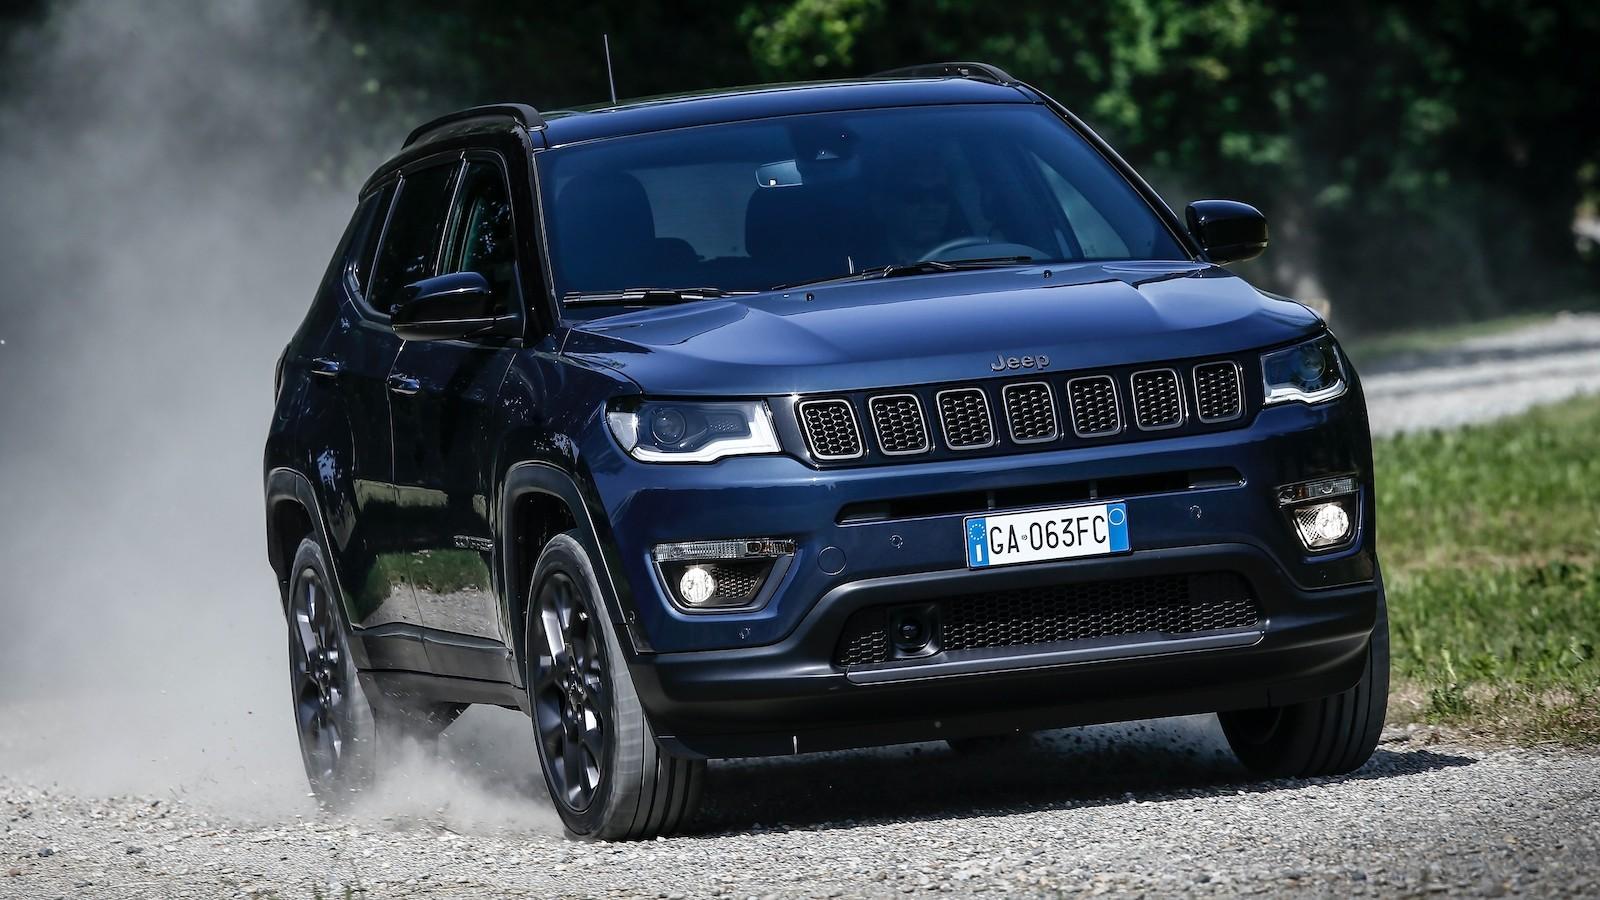 Автомобилестроитель «Джип» представил Compass 2021 модельного года для европейцев. Компакт-кросс доступен с новым движком, а в продажу он поступит уже в ближайшее время. Цены пока не объявлены.